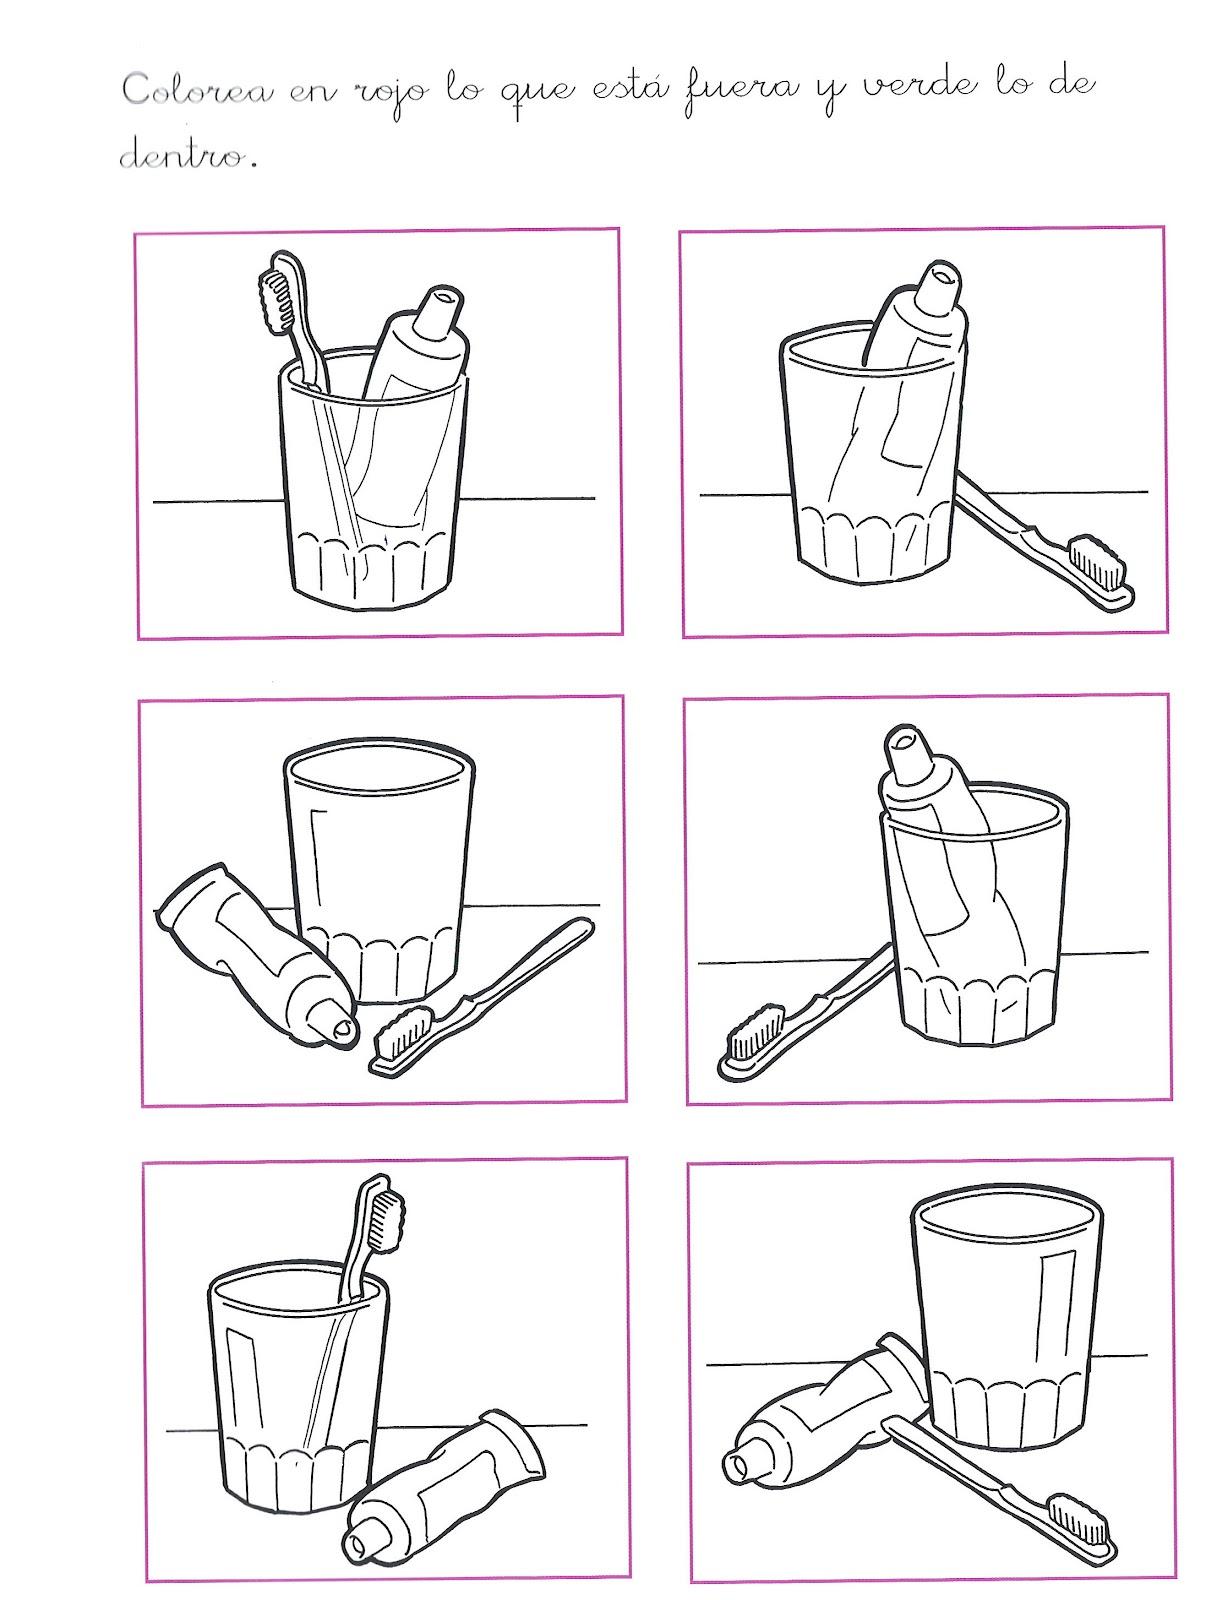 Dibujos para colorear de nociones arriba abajo - Imagui